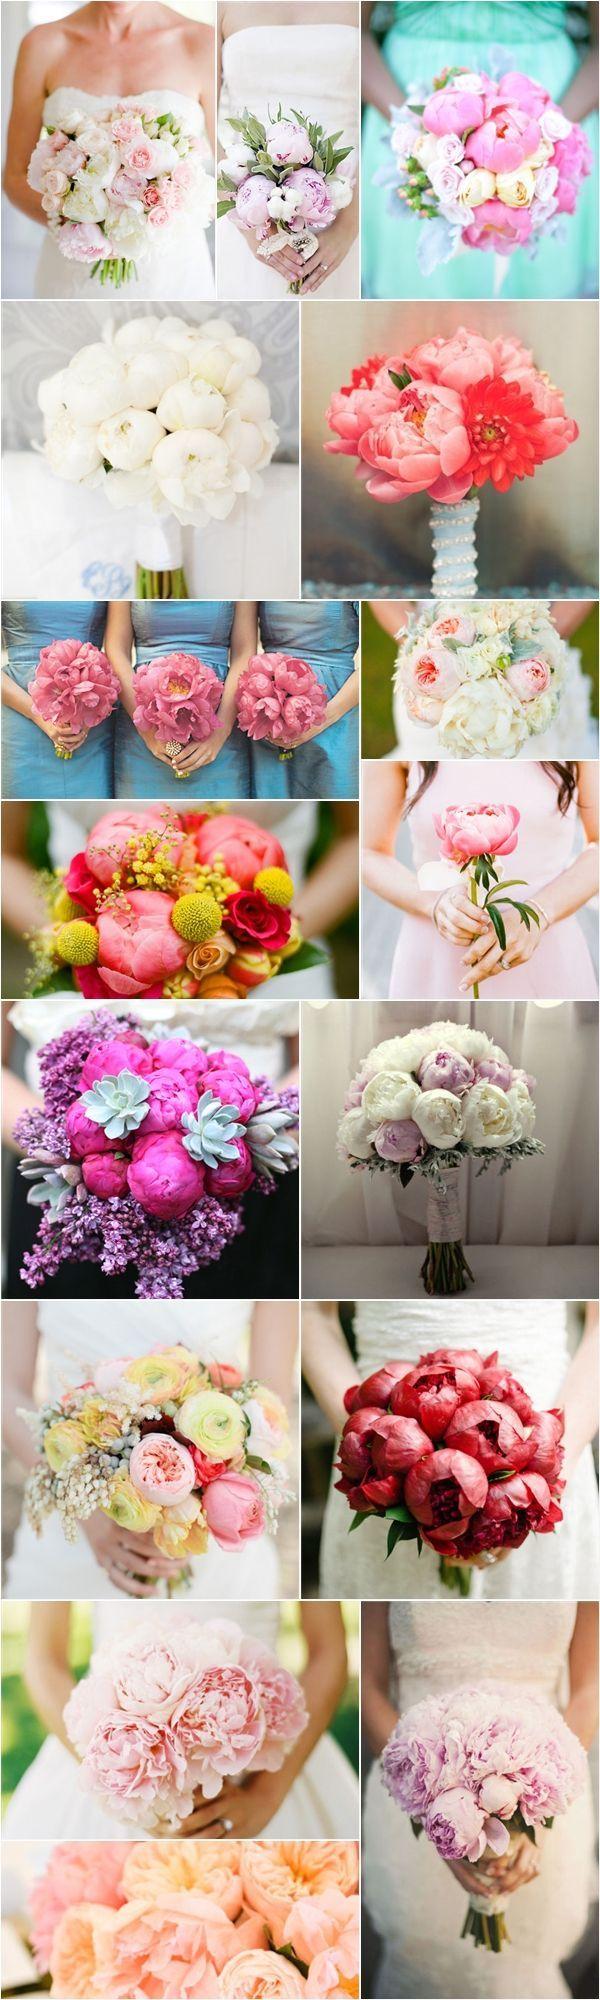 best winter flowers images on pinterest floral arrangements